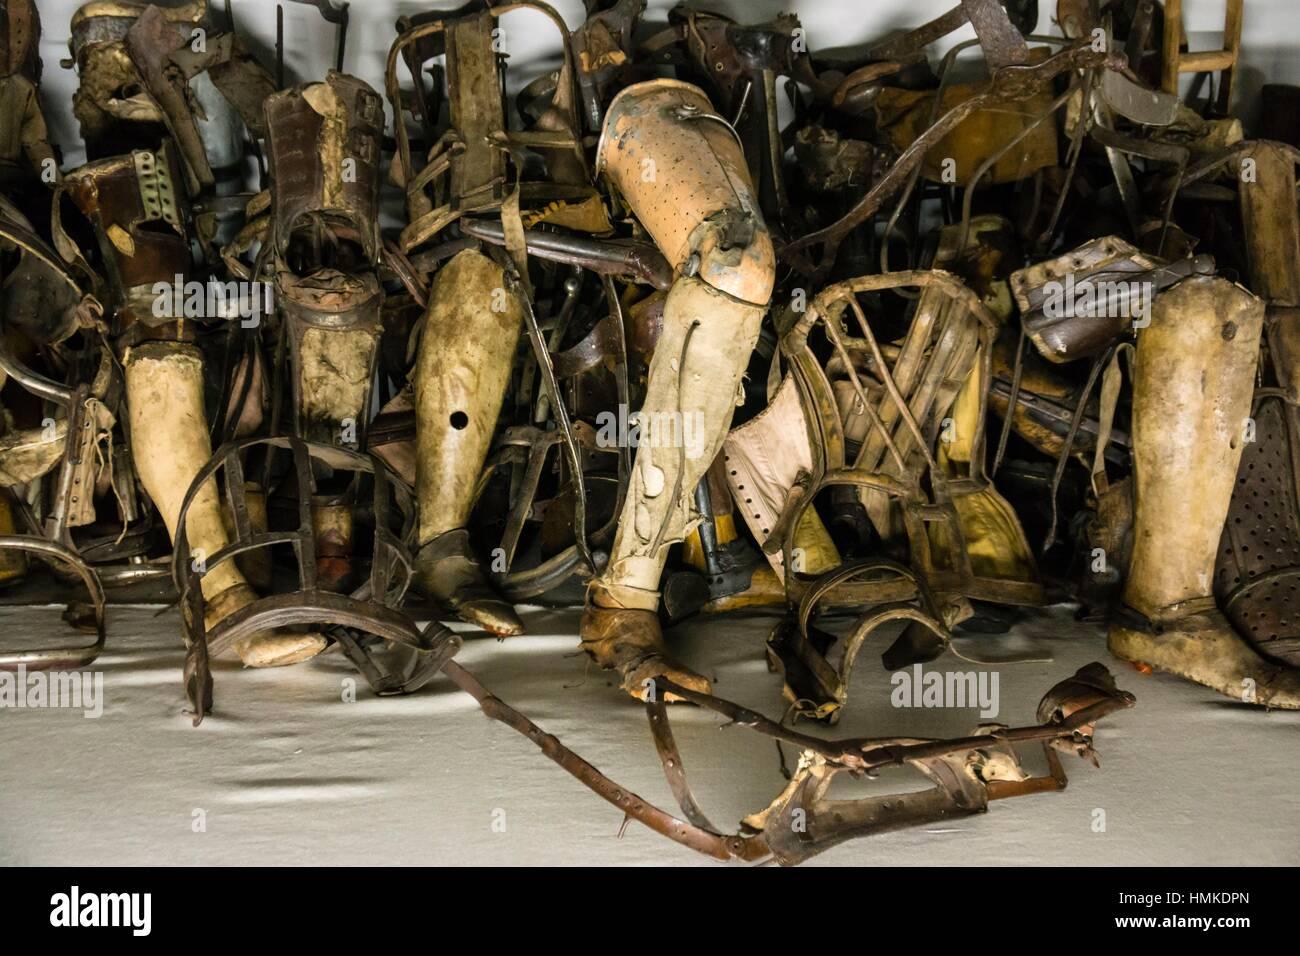 protesis de los. deportados. campo de concentracion de auschwitz i